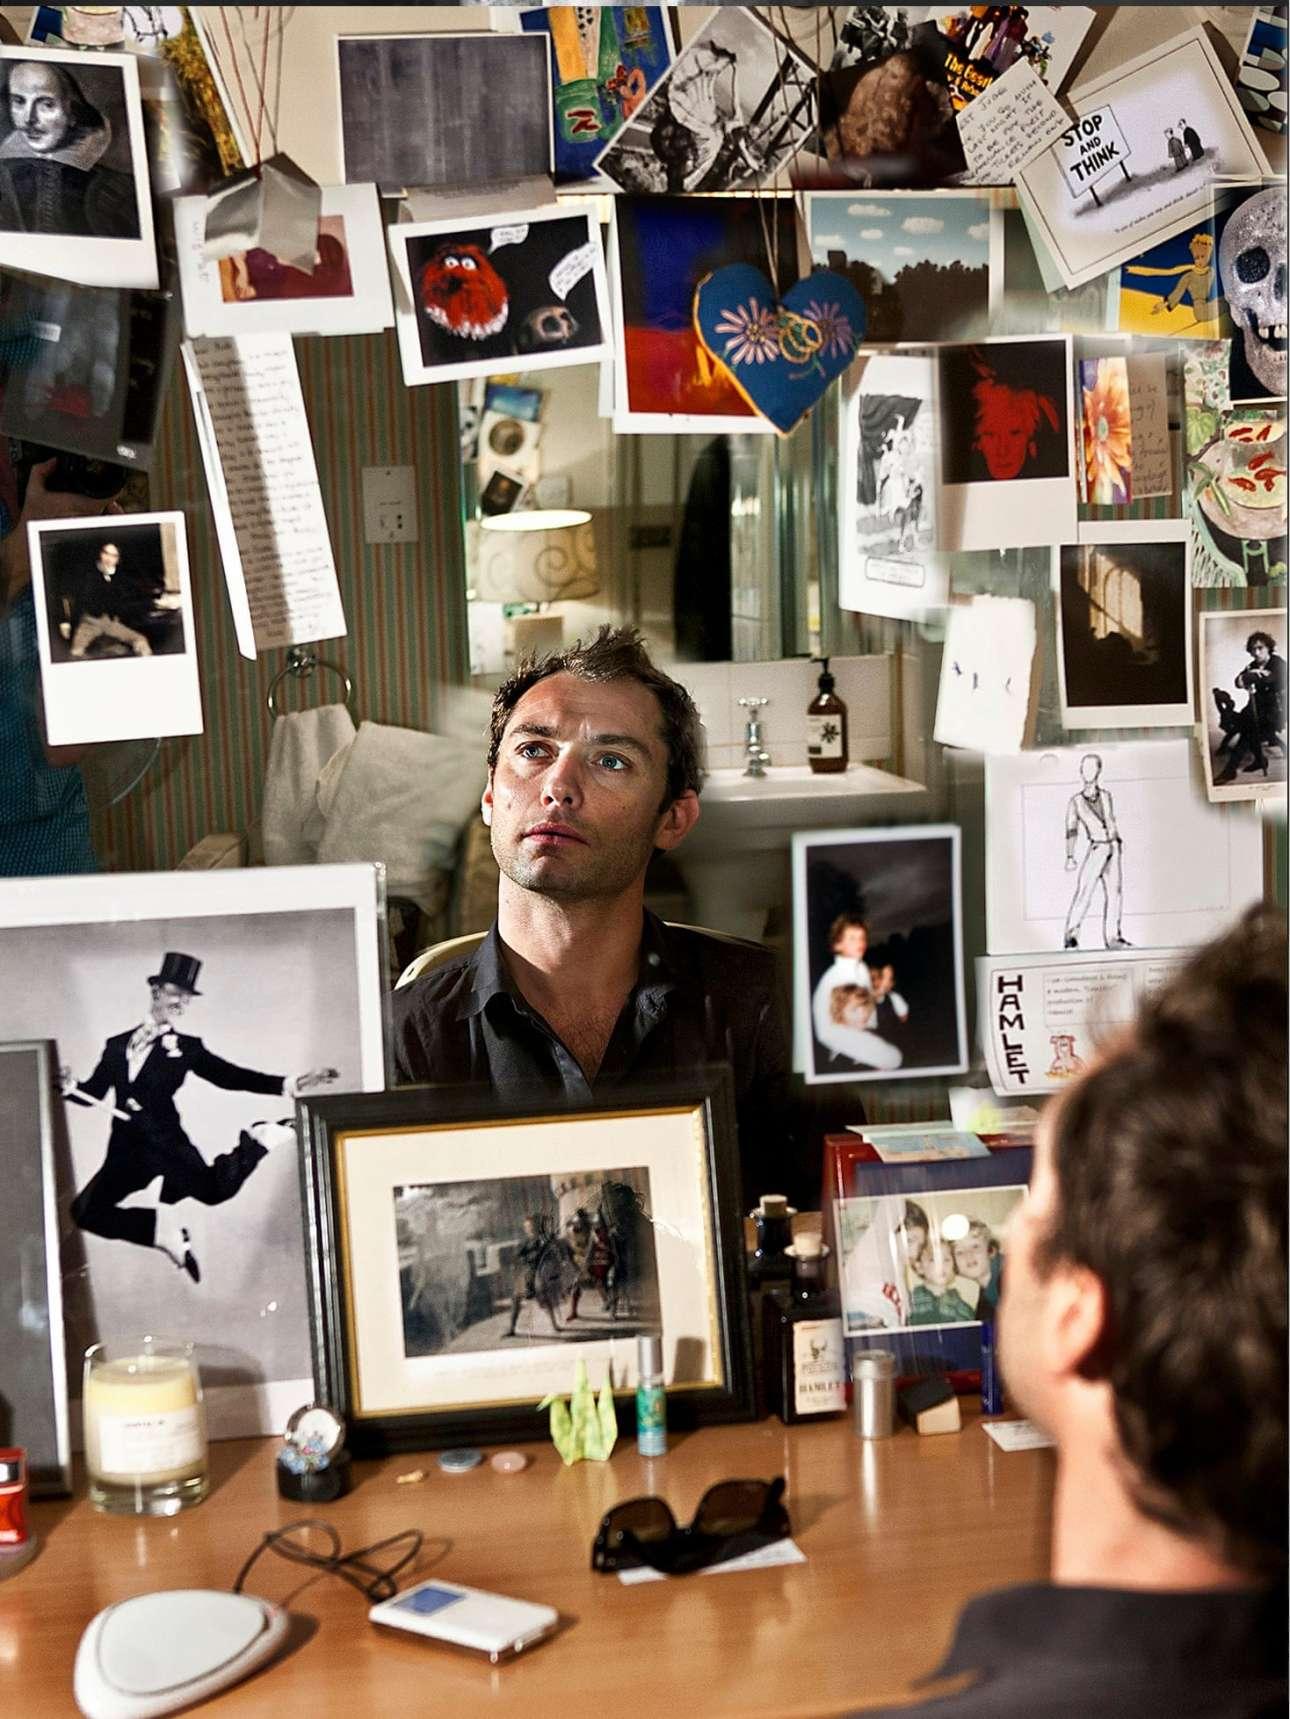 O Τζουντ Λο, λίγο πριν υποδυθεί τον Αμλετ, στο καμαρίνι του περιστοιχισμένος απο φωτογραφίες και κάρτες, το 2009